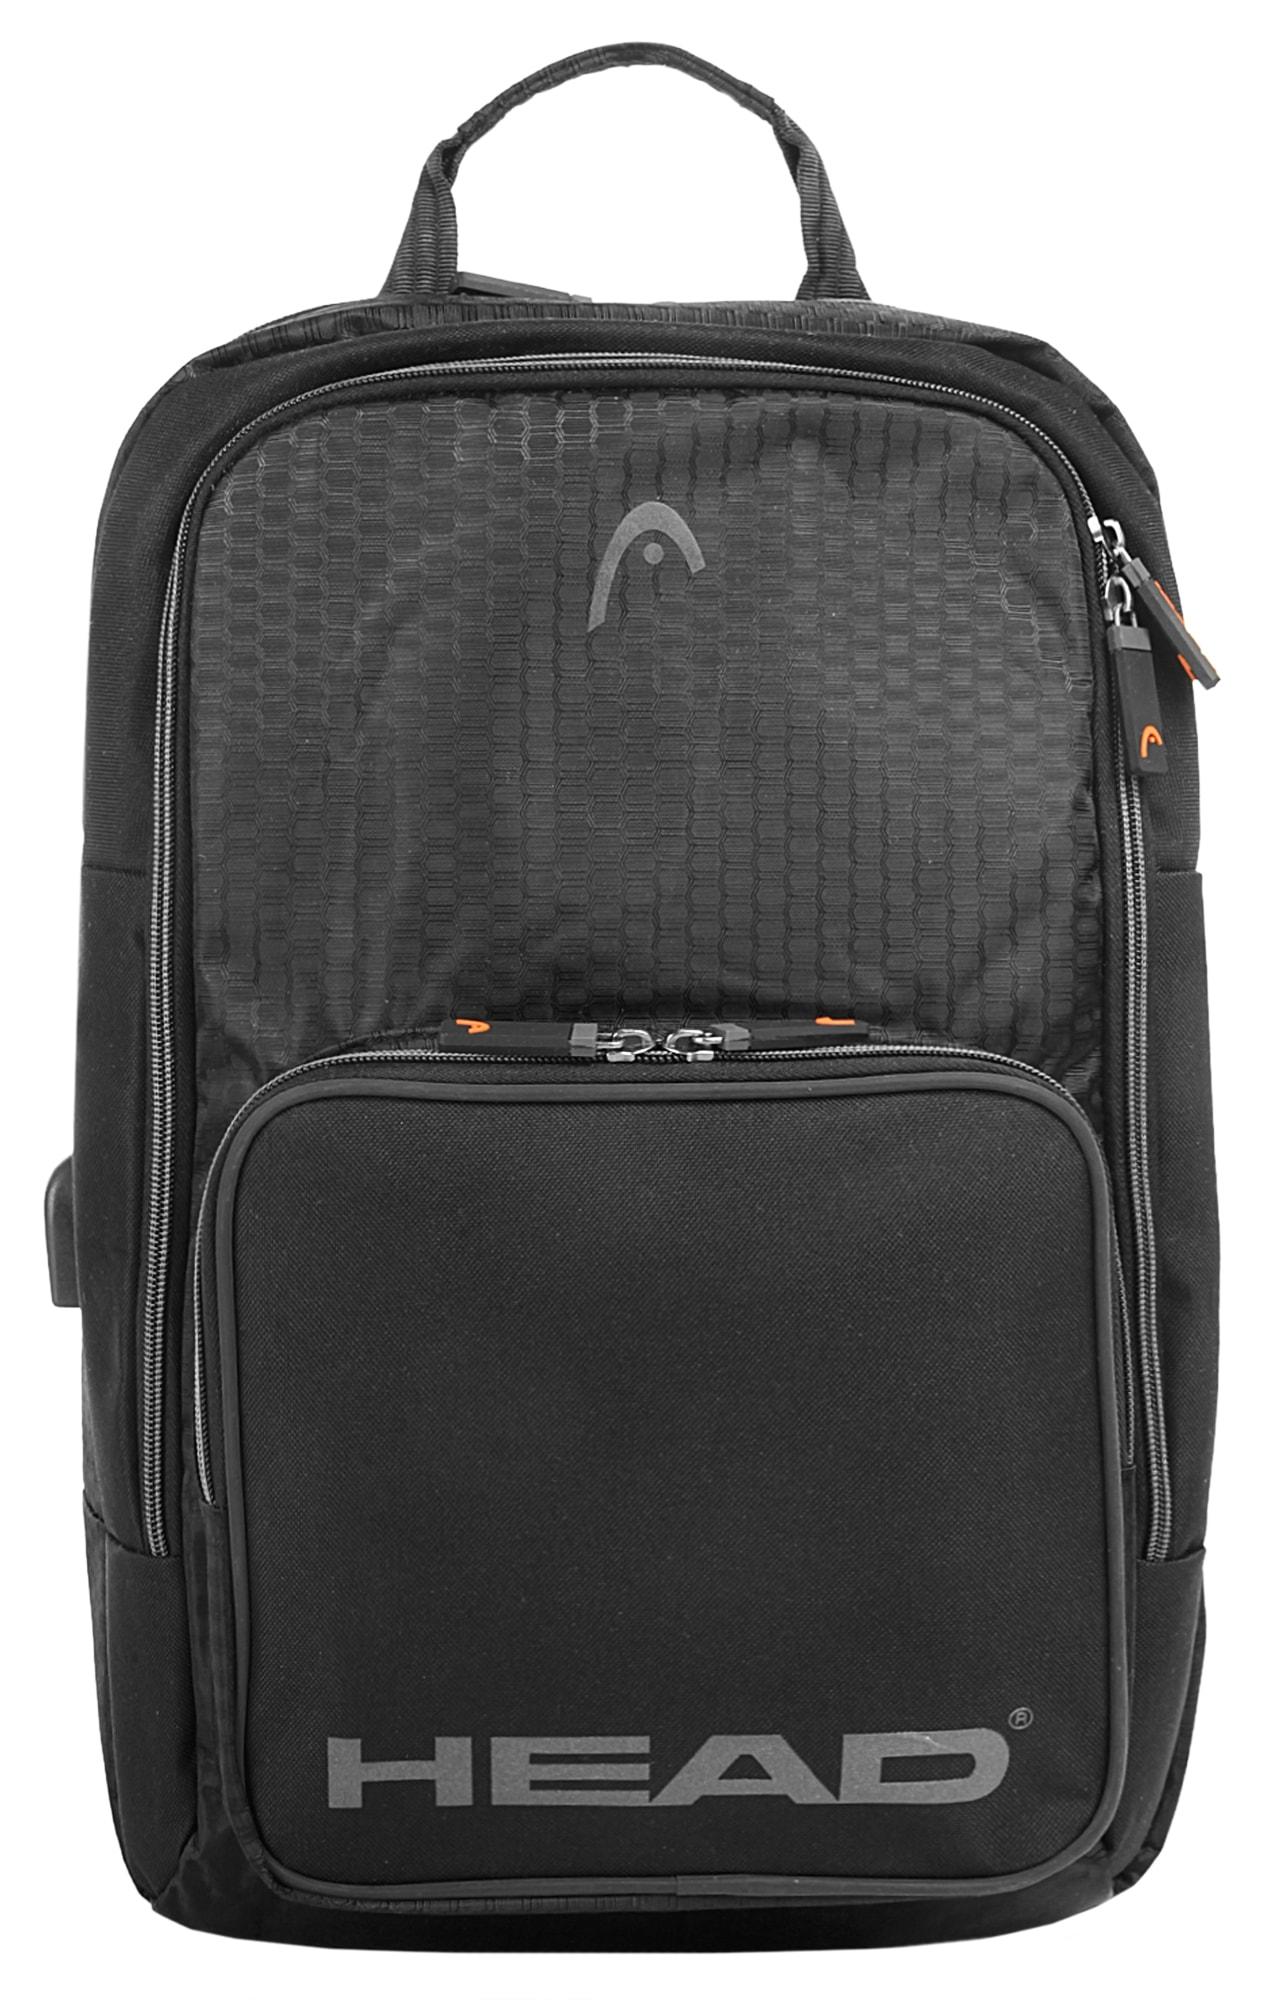 Head Laptoprucksack SMART Technik & Freizeit/Reisegepäck & Taschen/Laptoptaschen/Laptoprucksack